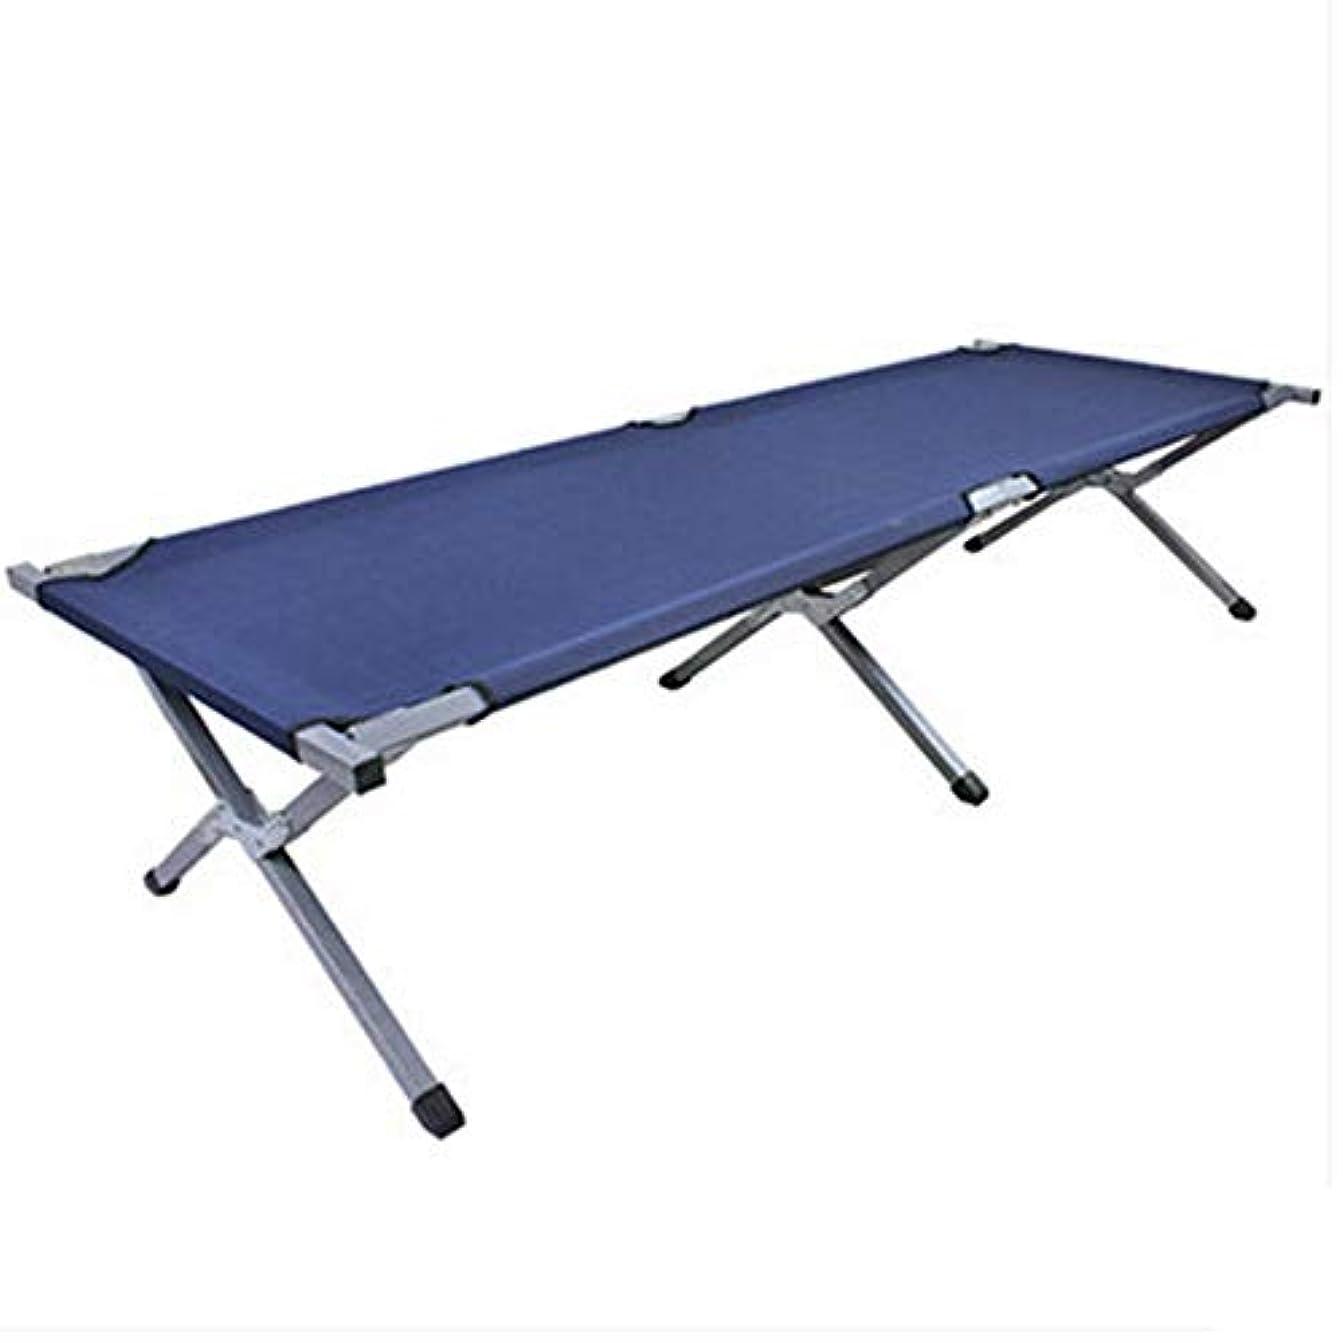 シルエット指定するではごきげんよう屋外マーチング折りたたみベッド昼寝ポータブル折りたたみベッドプログレッシブベッド3 (Size : C)